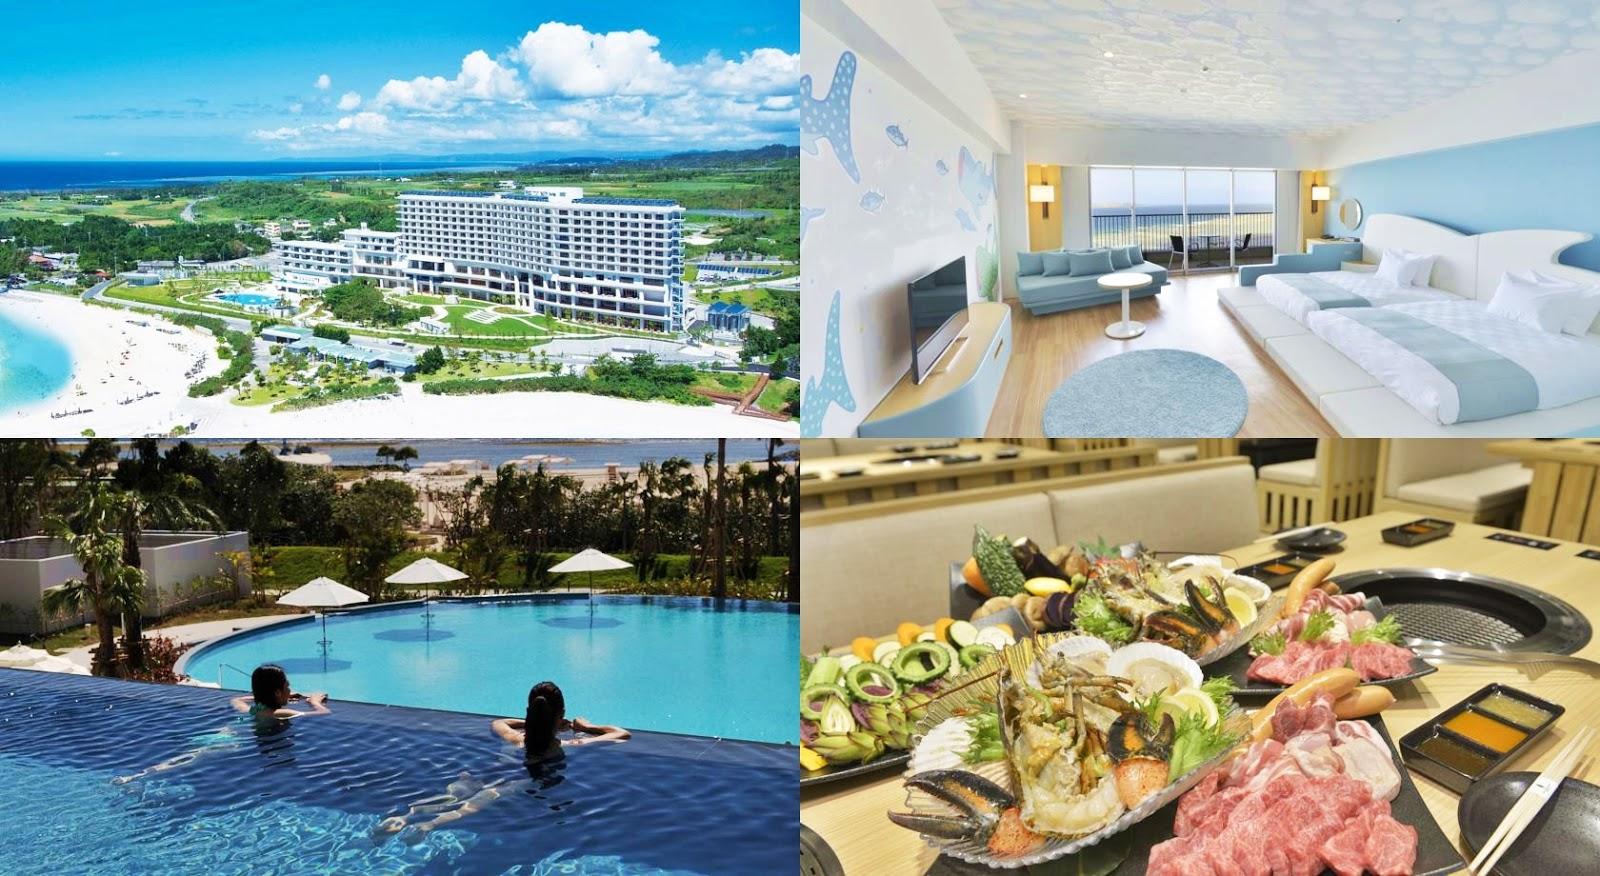 沖繩-住宿-推薦-飯店-旅館-民宿-公寓-奧利安酒店本部度假村-Hotel-Orion-Motobu-Resort&Spa-Okinawa-hotel-recommendation